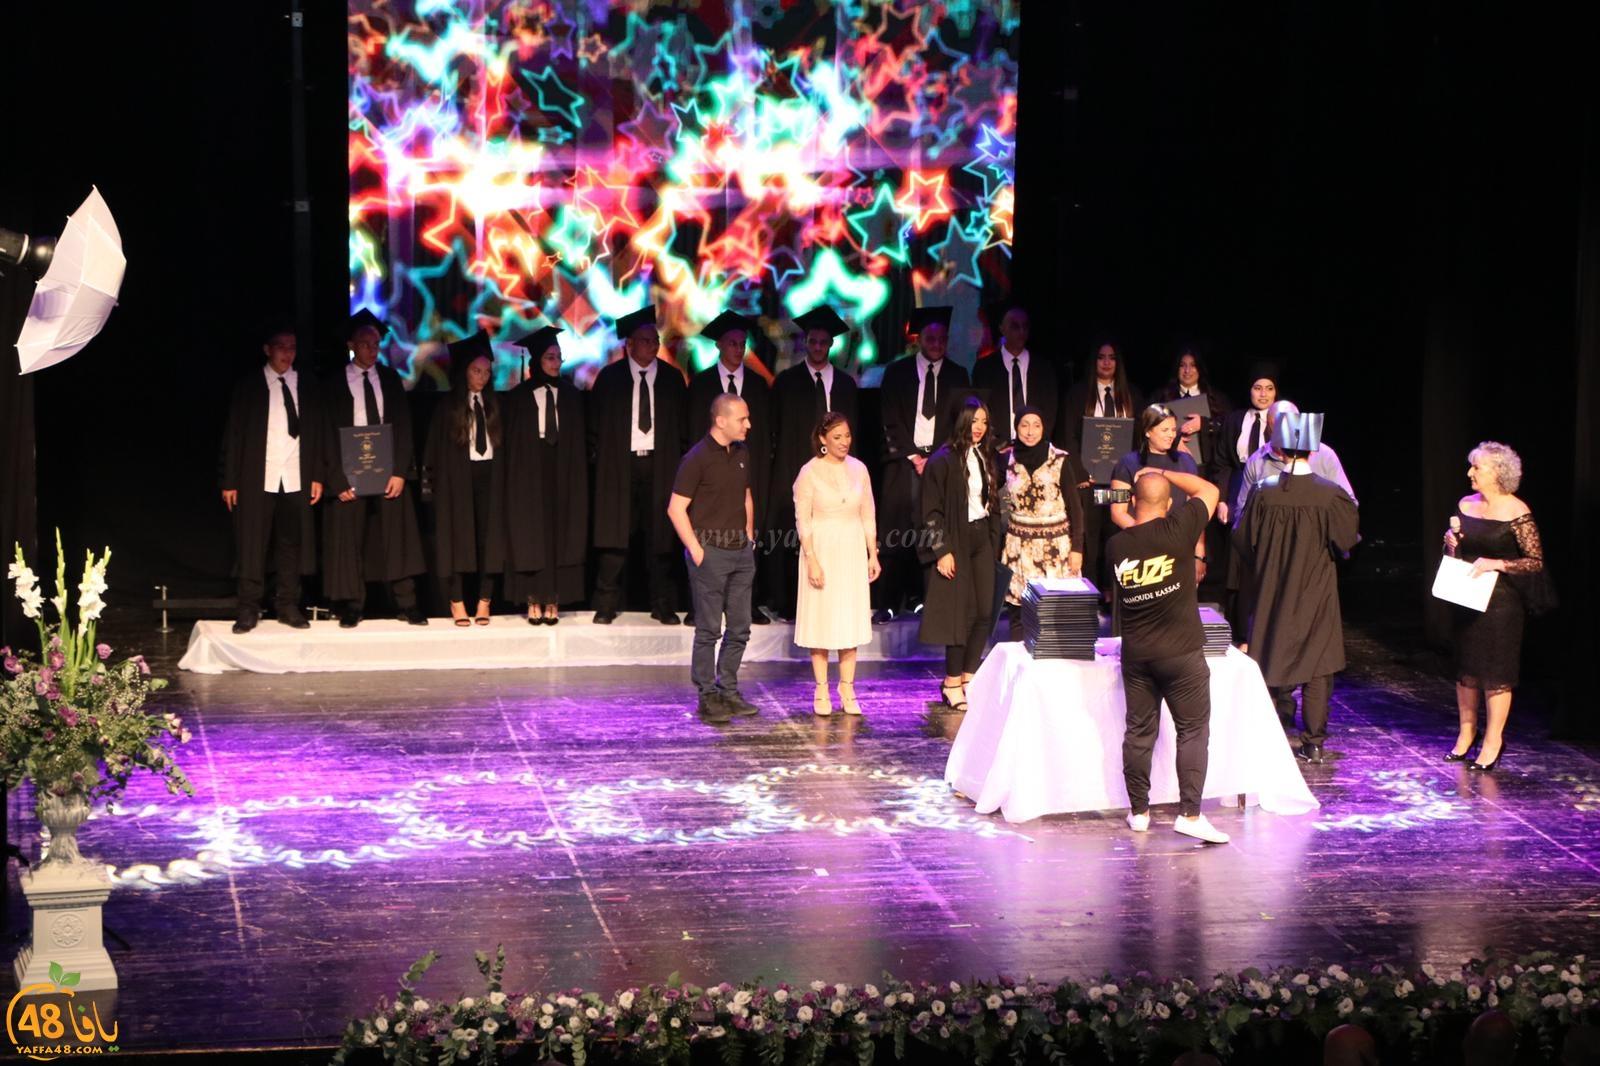 بالصور: مدرسة أجيال الثانوية بيافا تحتفل بتخريج 52 طالب وطالبة ضمن فوجها الـ12